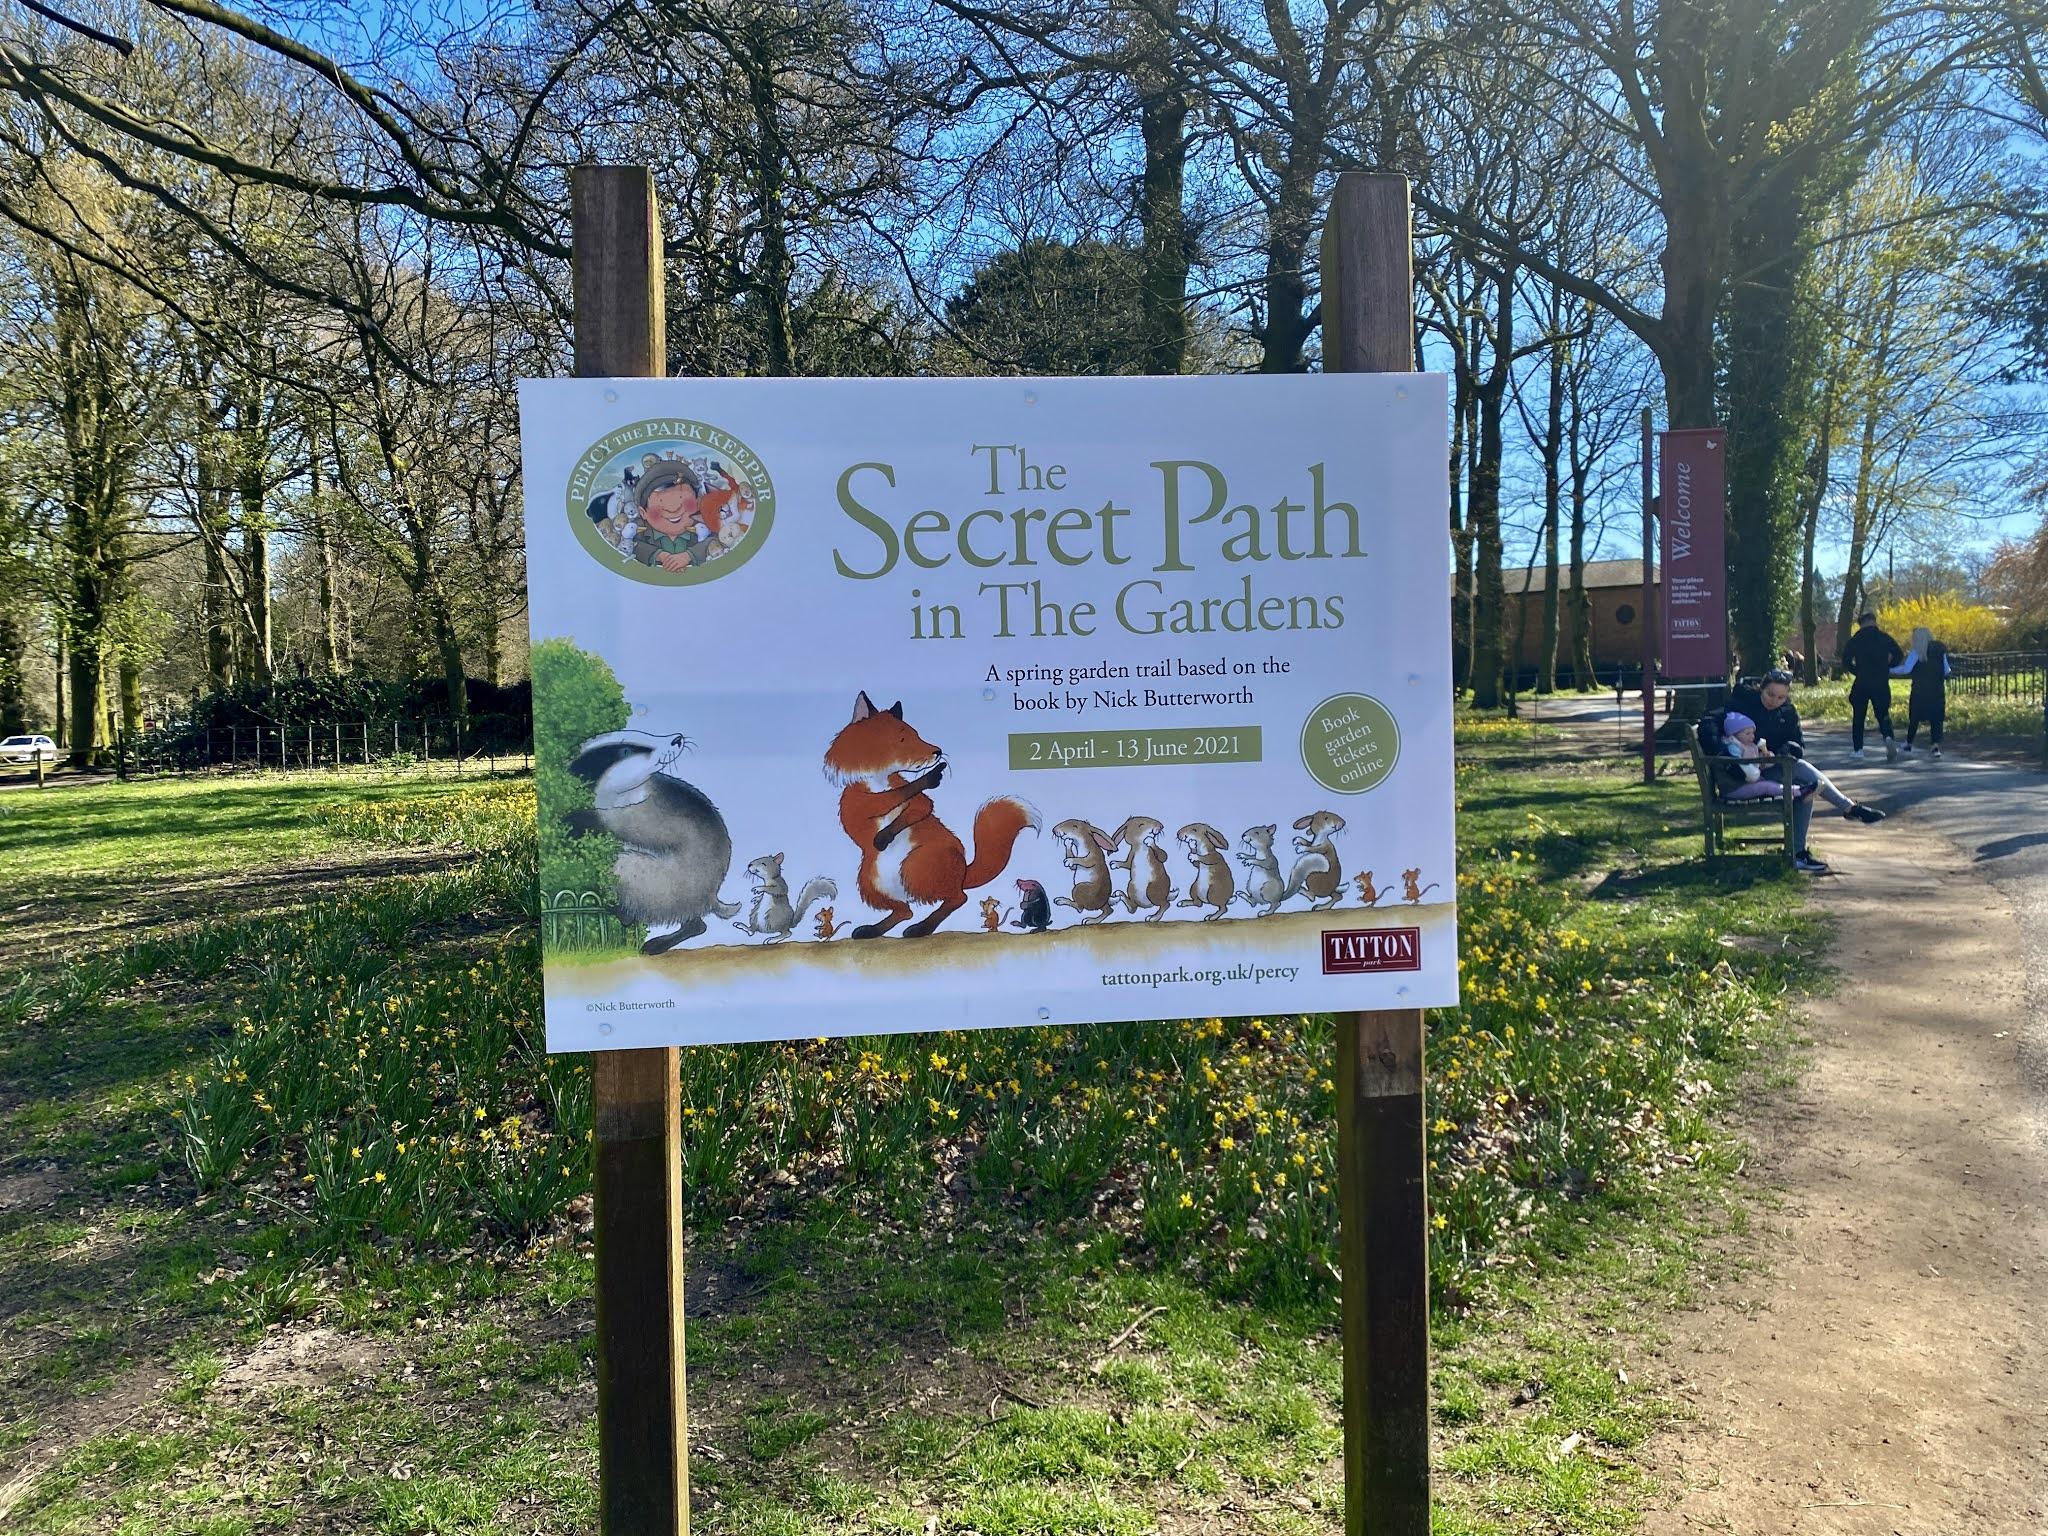 The secret path sign